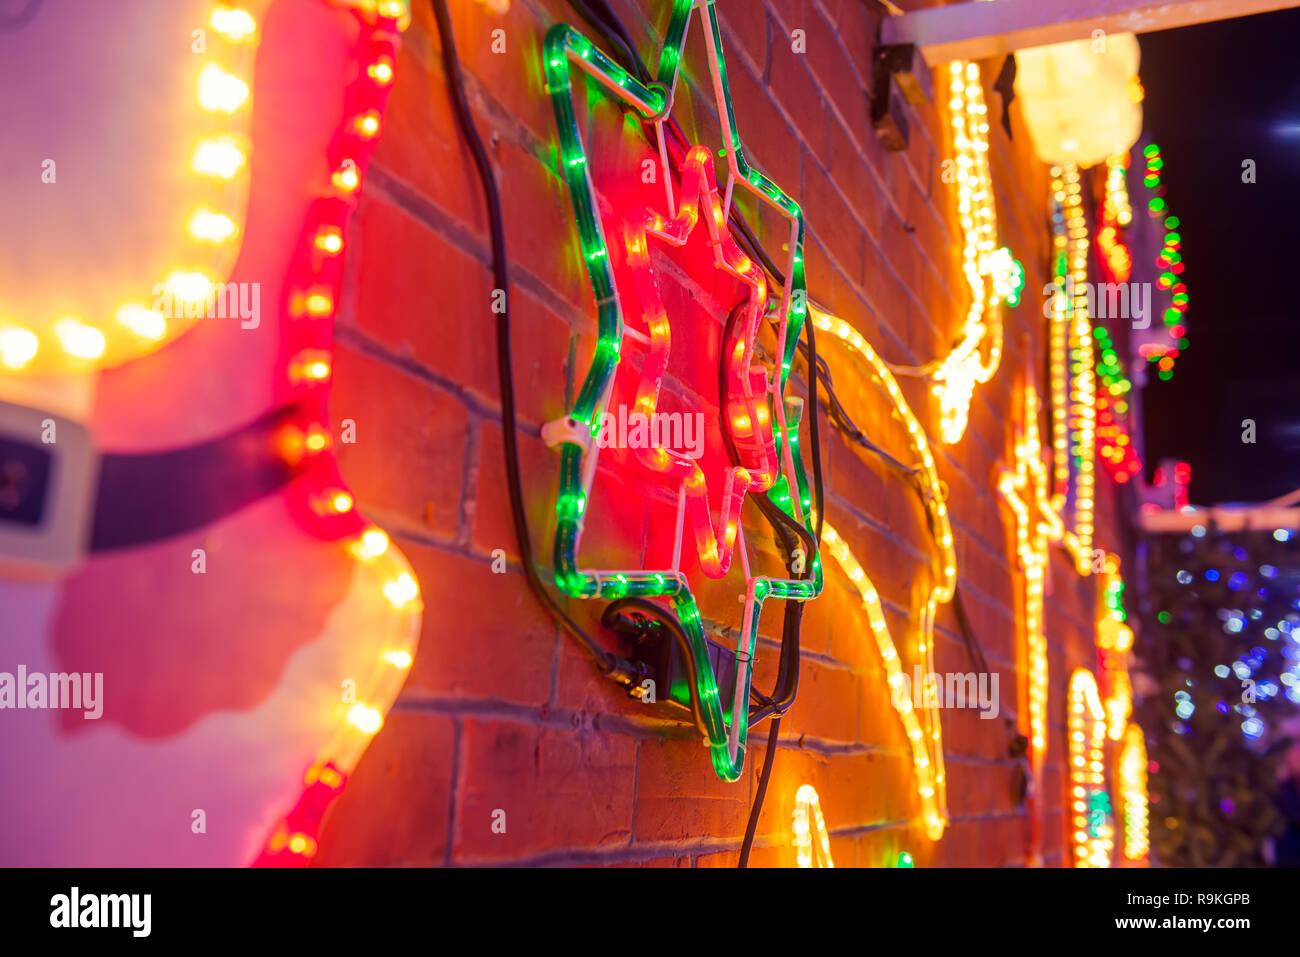 e940ebe7c38 Las luces de Navidad de fondo. Natividad estrella borrosa